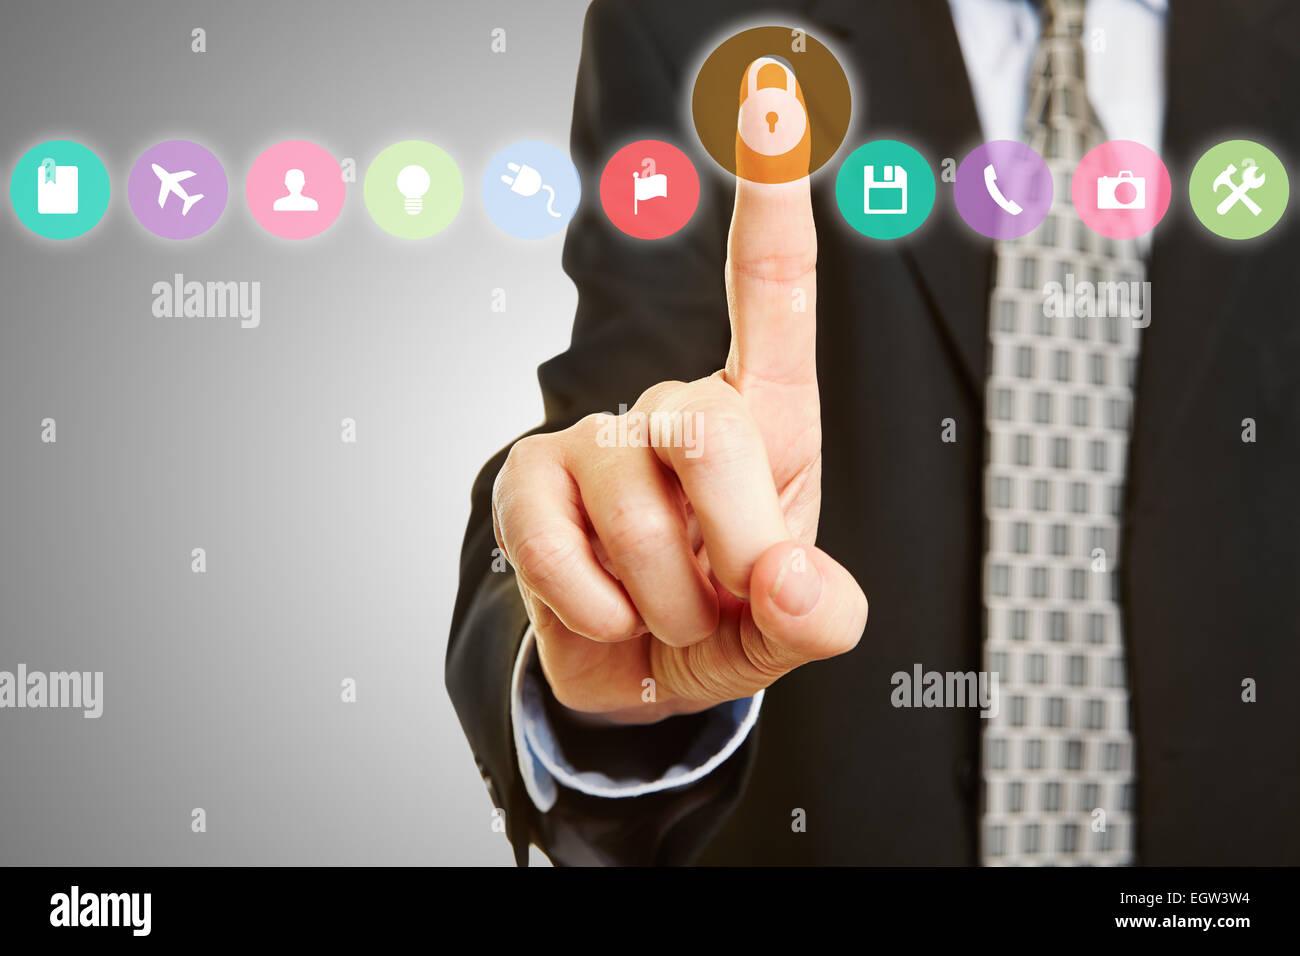 Konzept für Datenschutz und Verschlüsselung mit Hand und Schloss auf einem Touchscreen - Stock Image